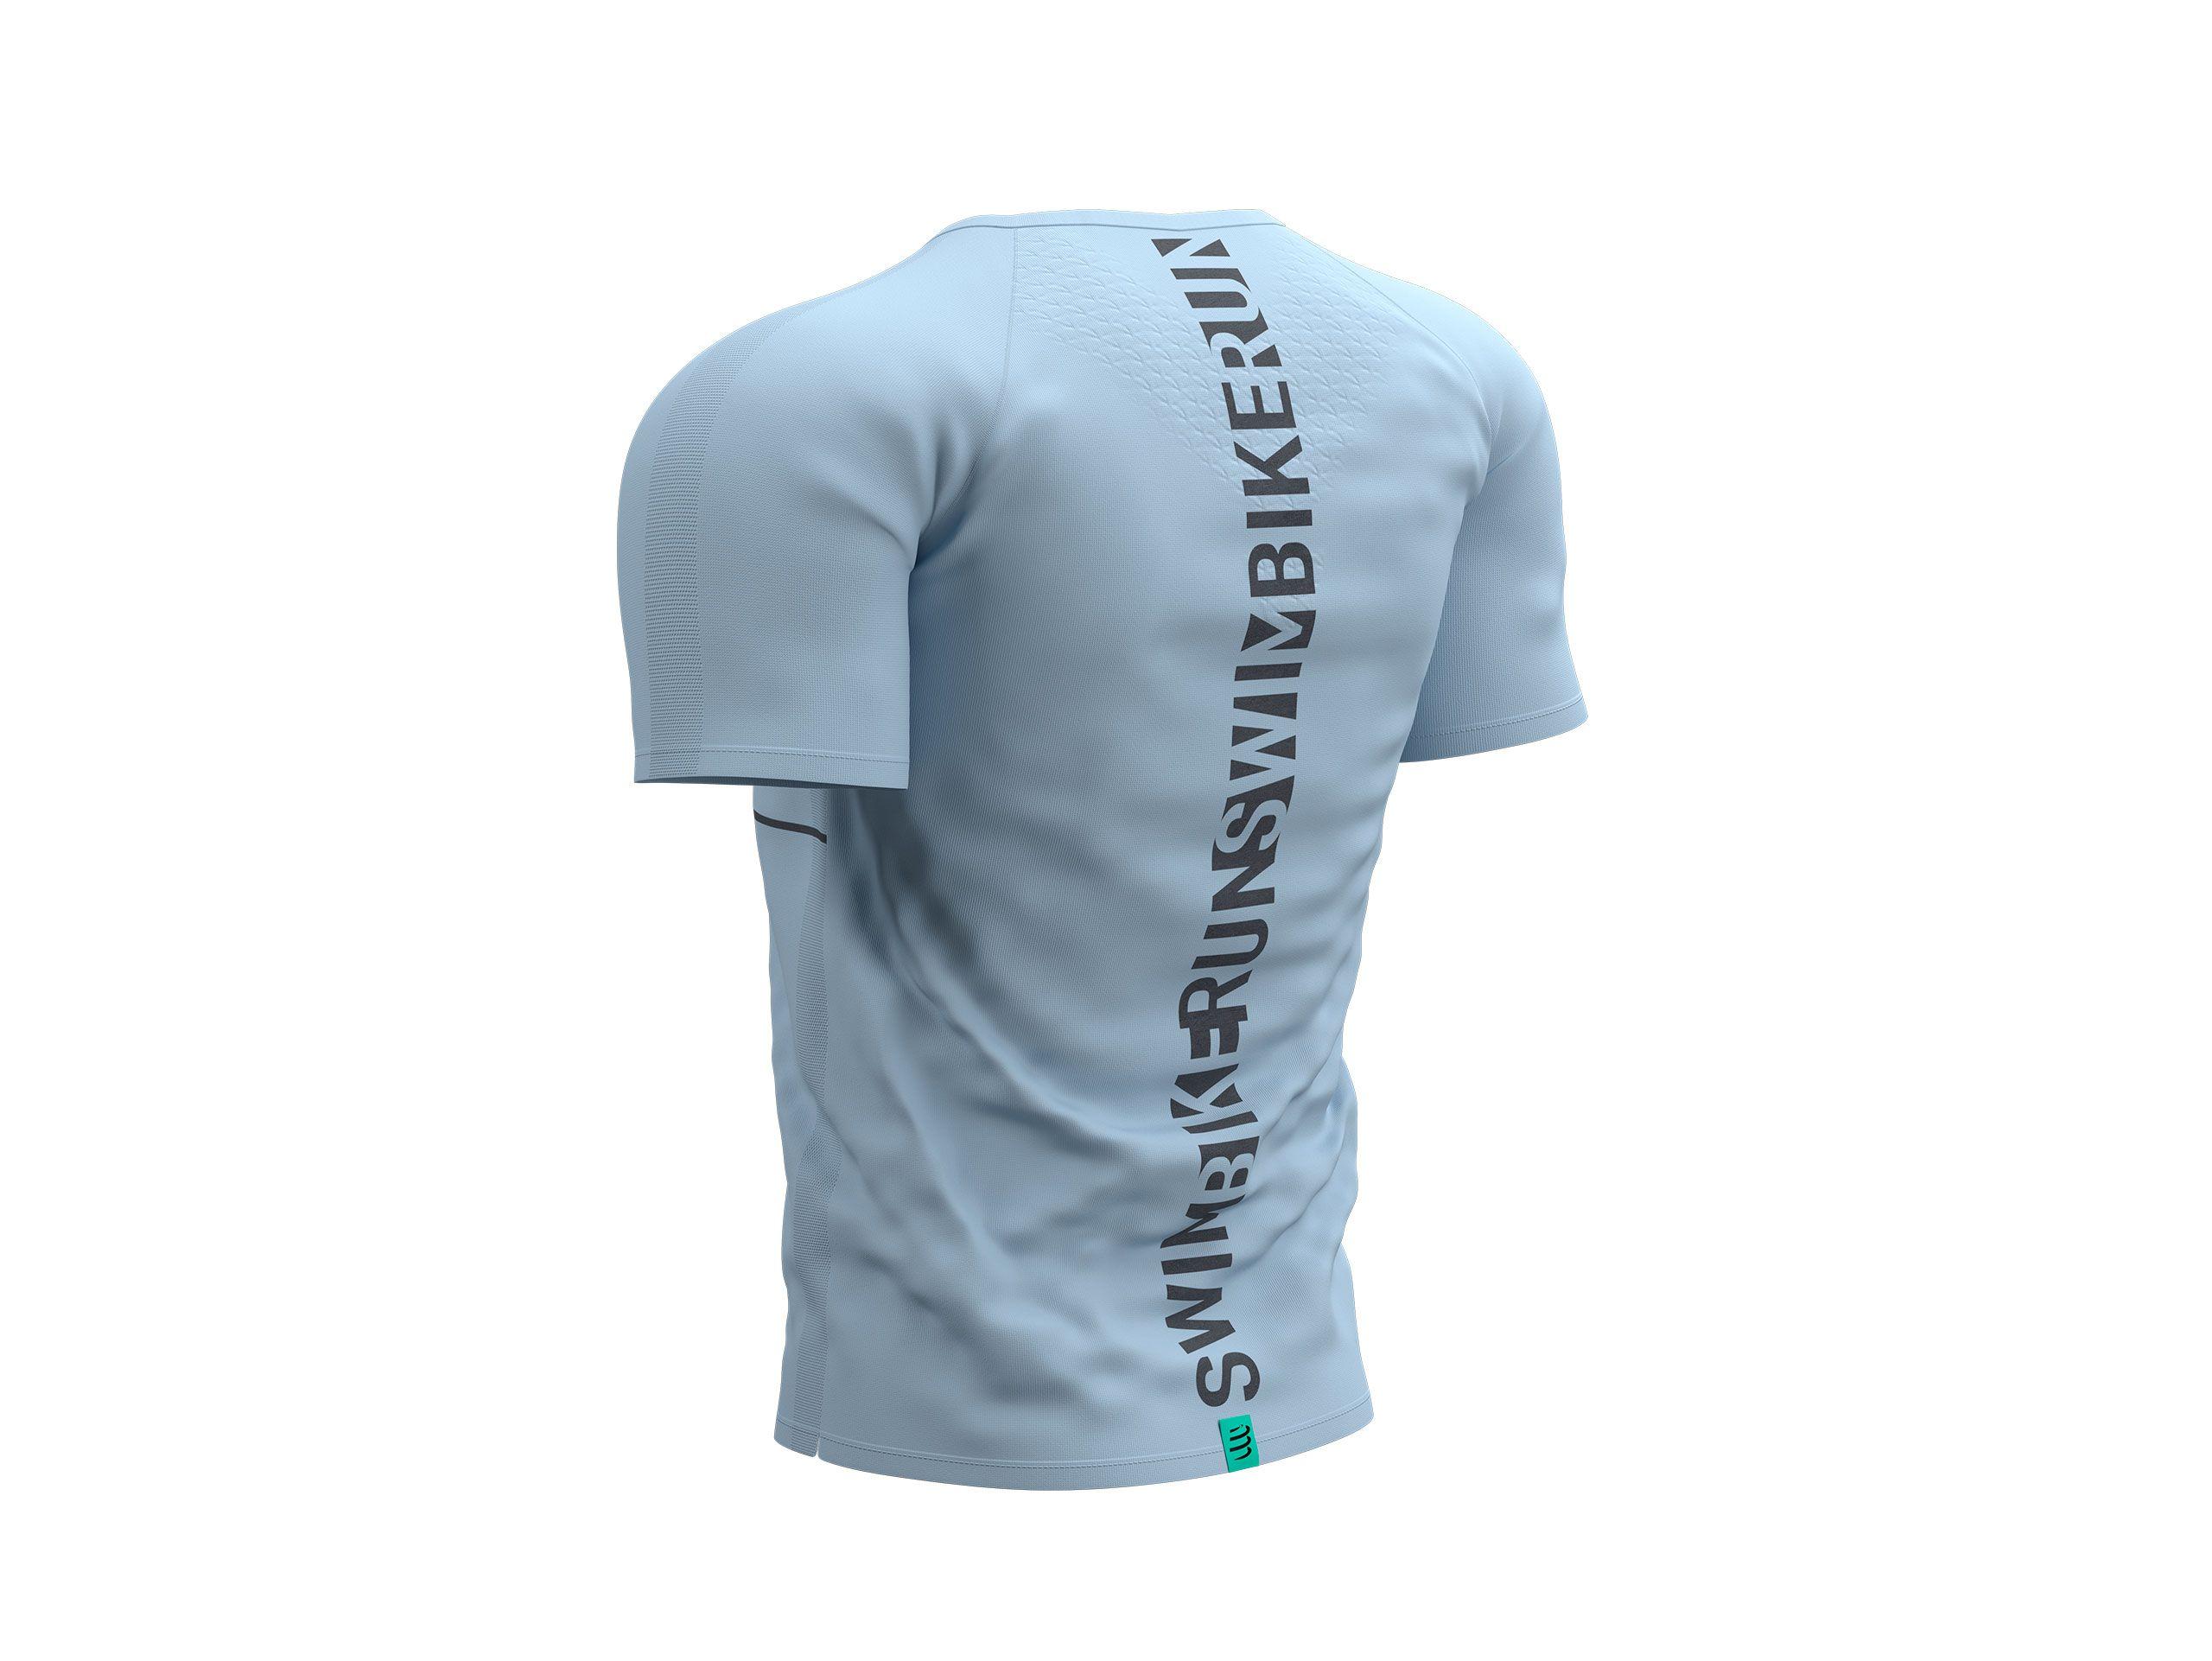 Training Tshirt SS - Born To SwimBikeRun 2021 LIGHT GREY/BLACK